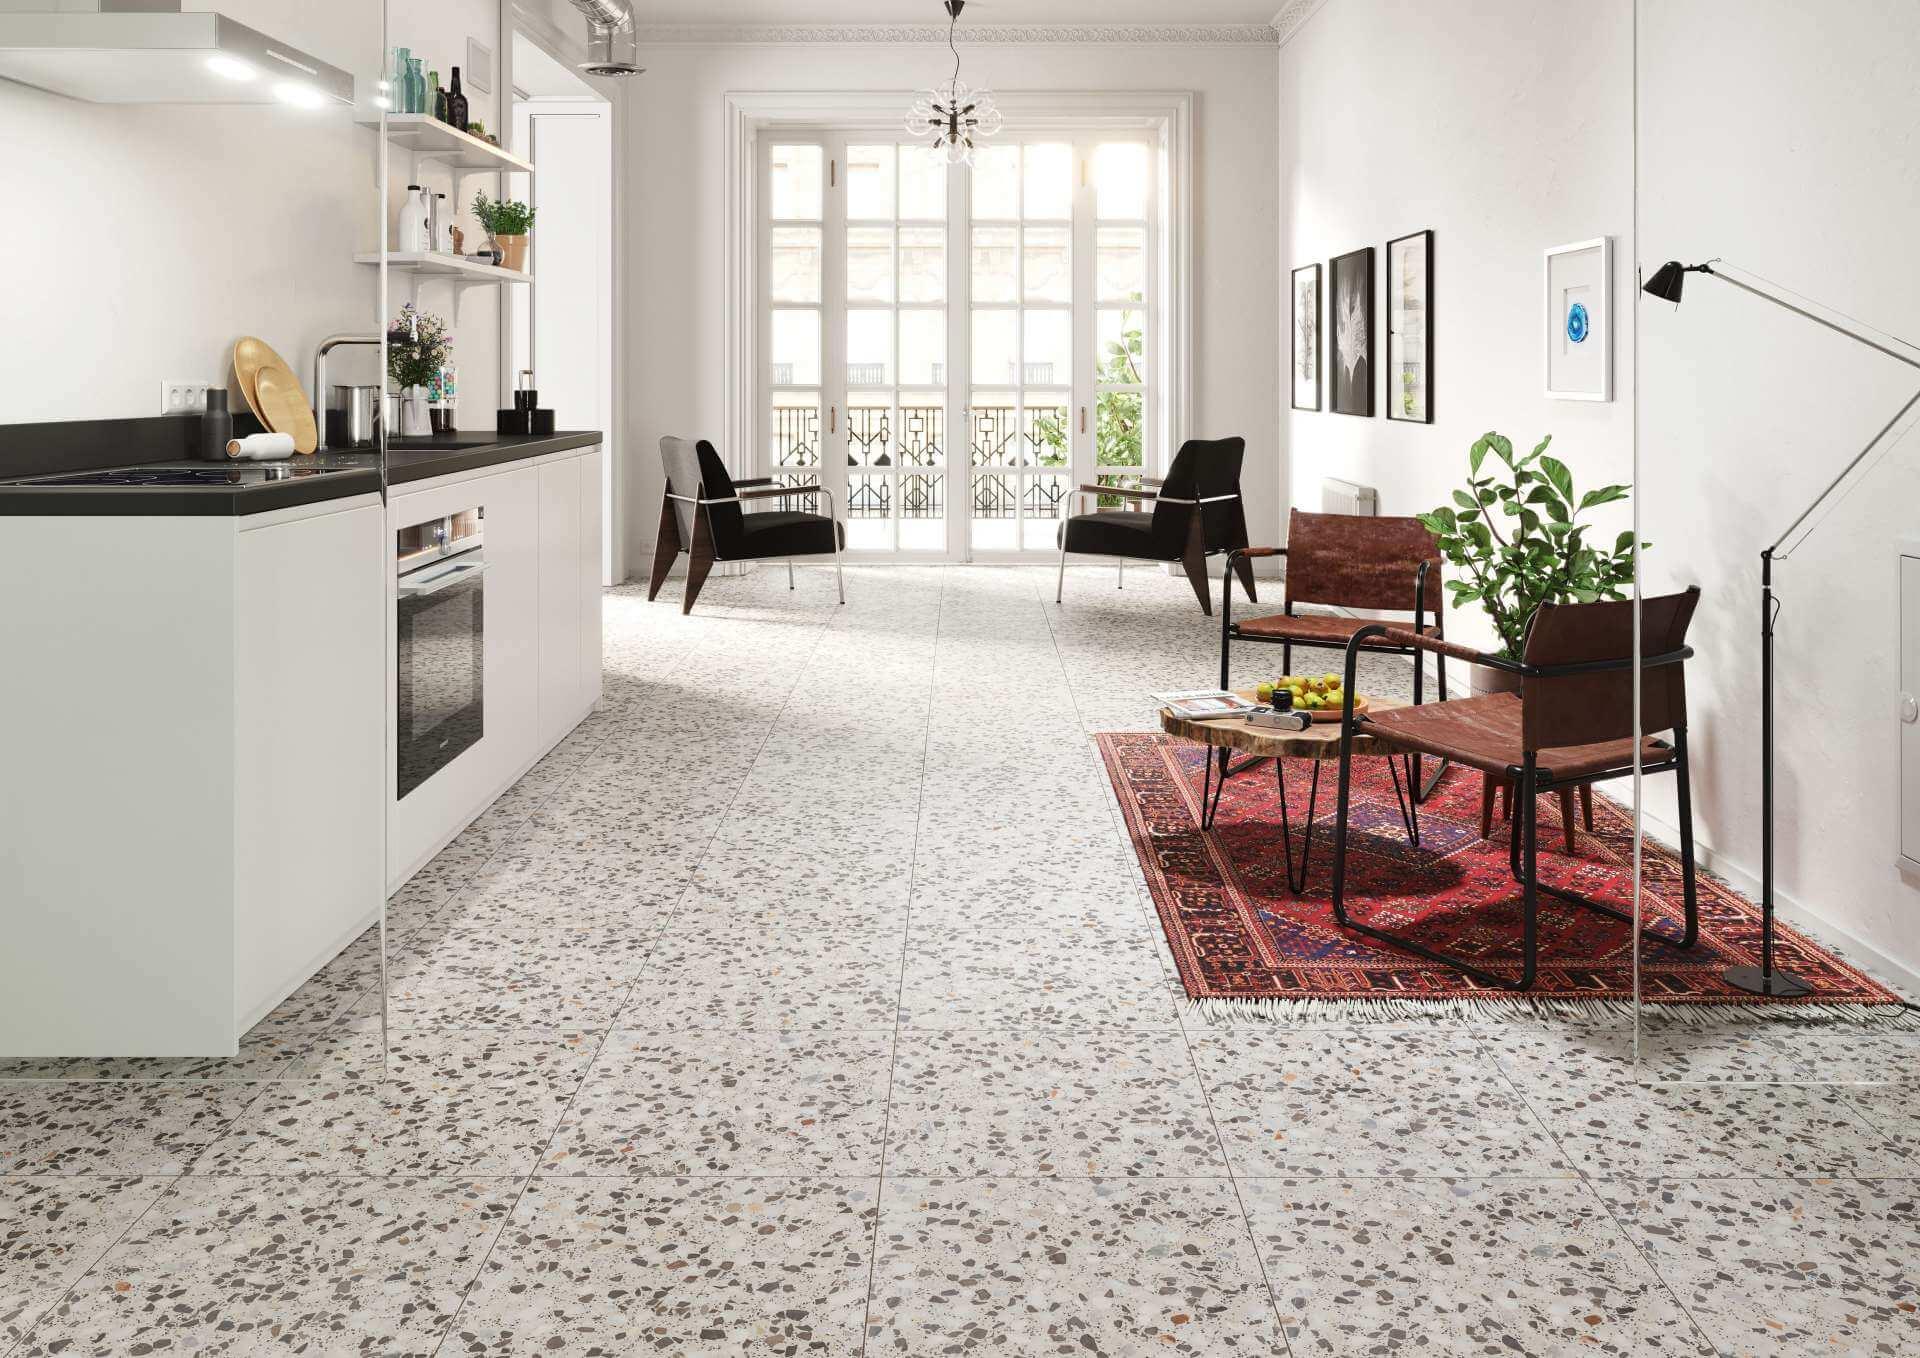 Как выбрать керамическую плитку на кухню для разных поверхностей